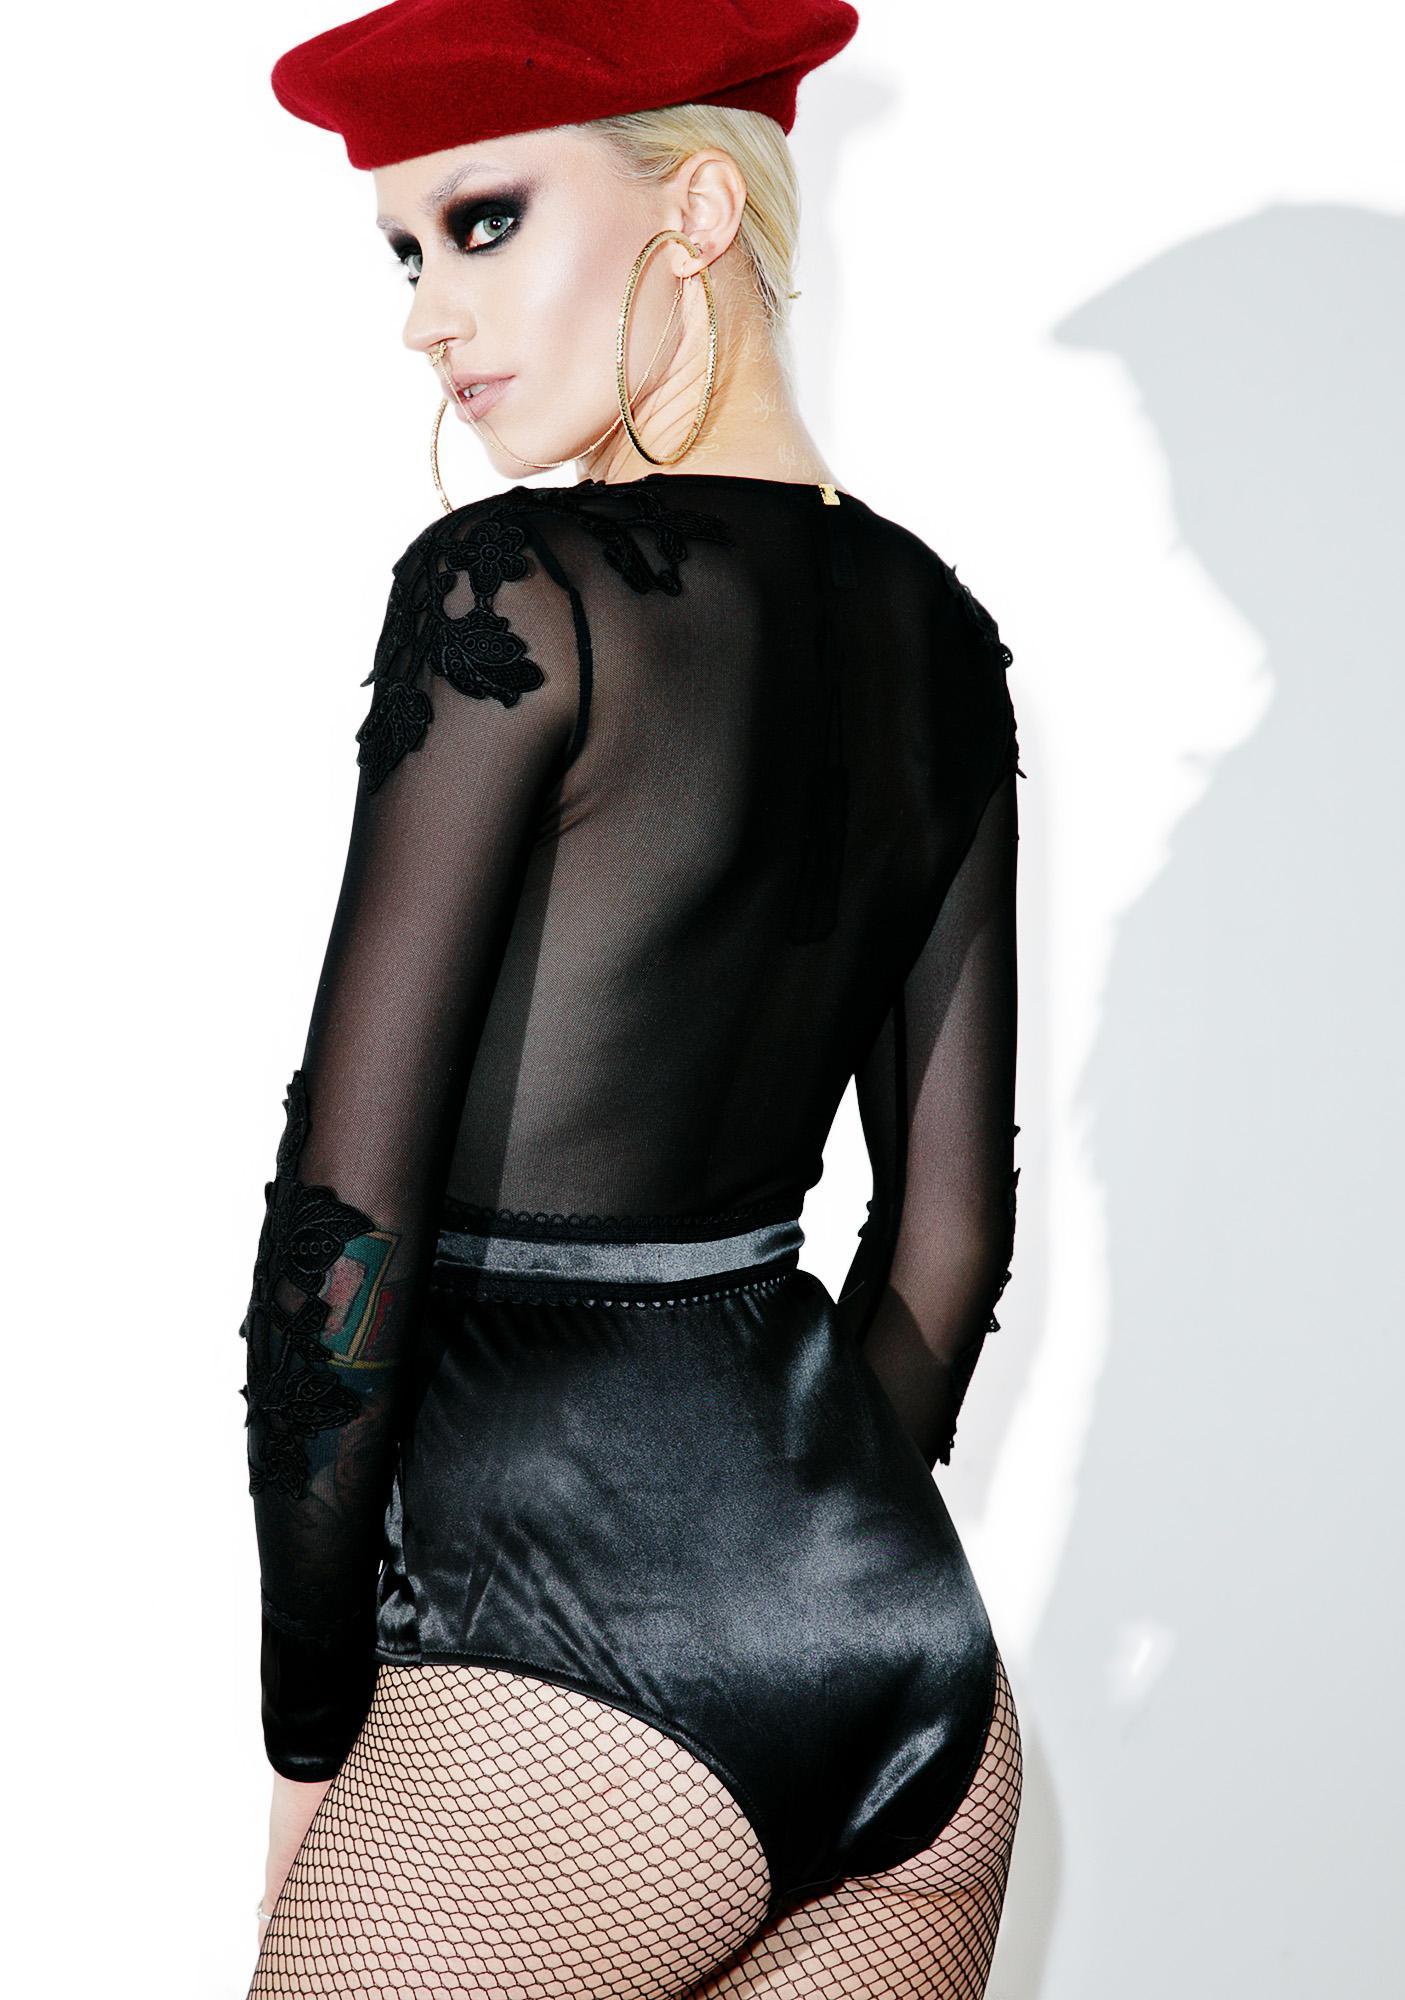 For Love & Lemons Soliana Applique Bodysuit